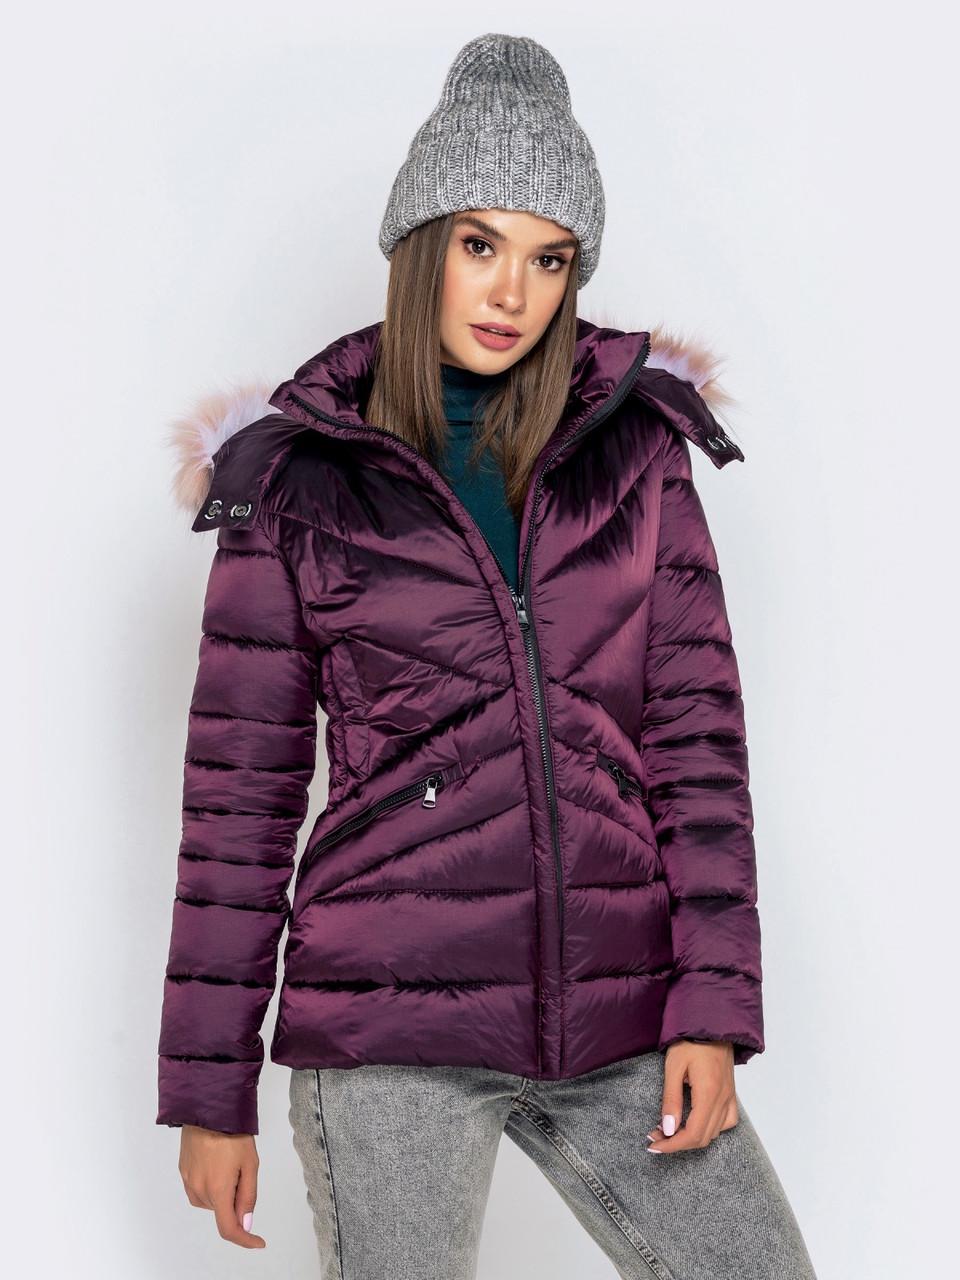 Укороченная зимняя женская куртка приталенного силуэта сиреневьій размер 42 44 46 48 50